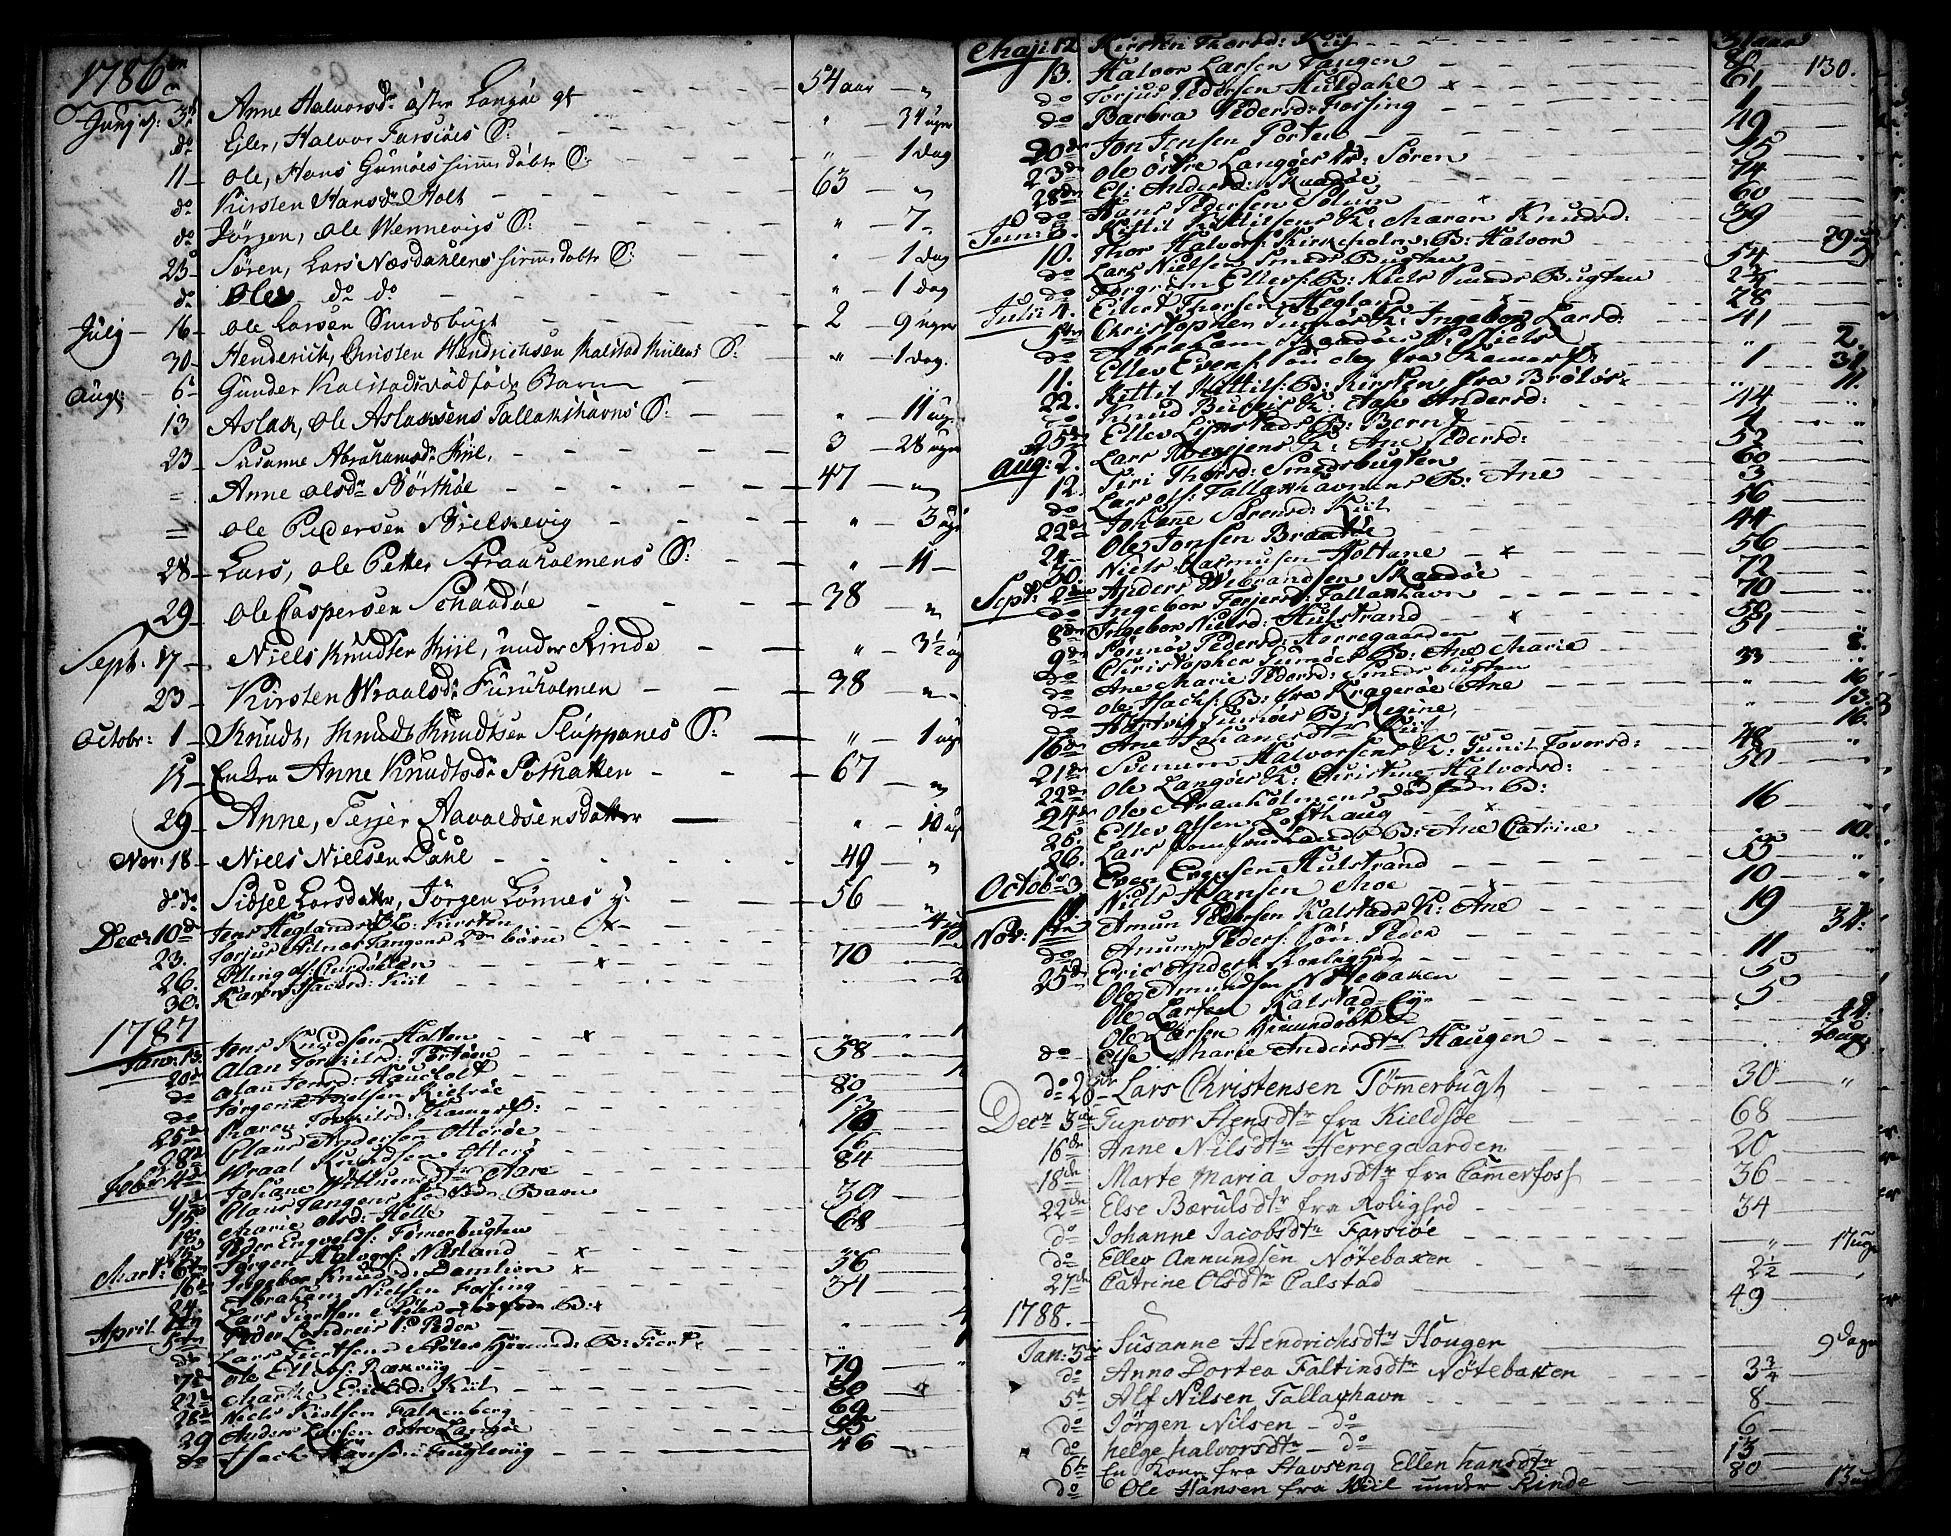 SAKO, Sannidal kirkebøker, F/Fa/L0002: Ministerialbok nr. 2, 1767-1802, s. 130